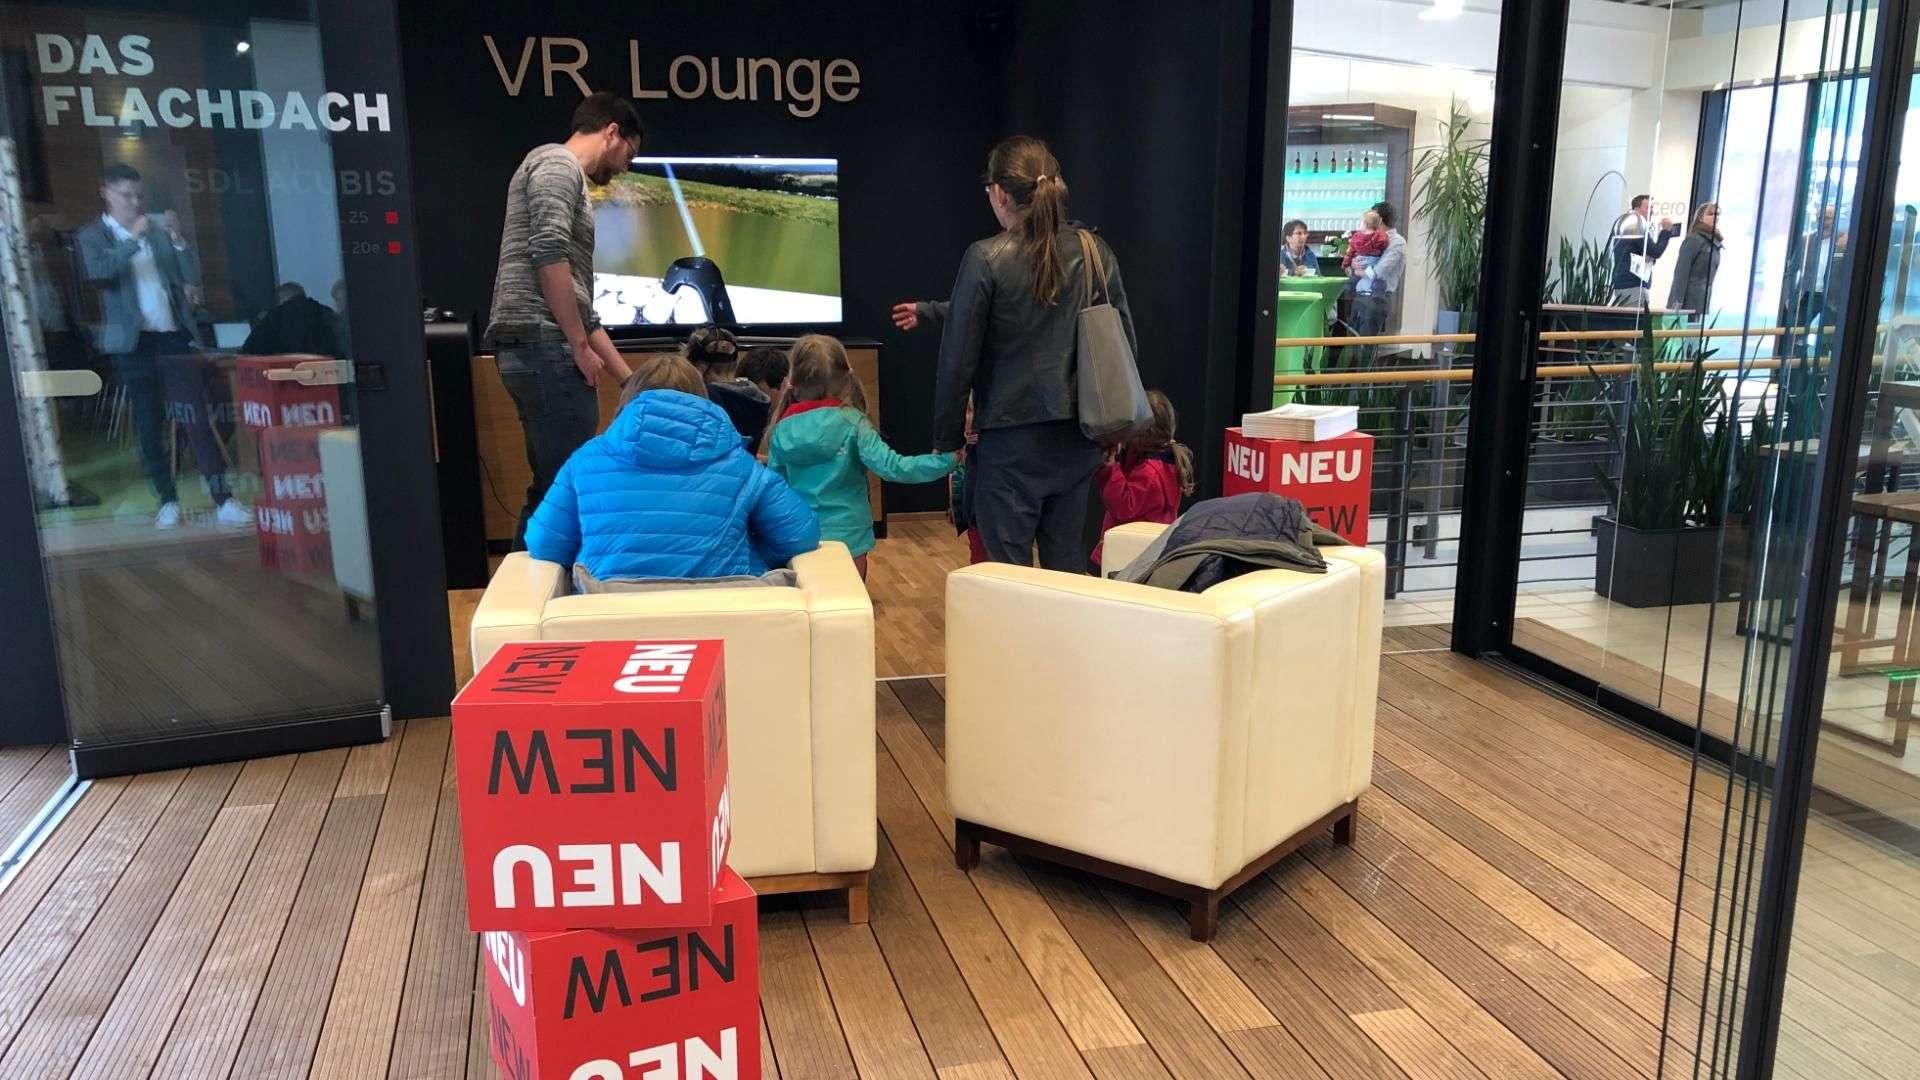 Familie in der VR Lounge in der Ausstellung von Linara in Kaufbeuren